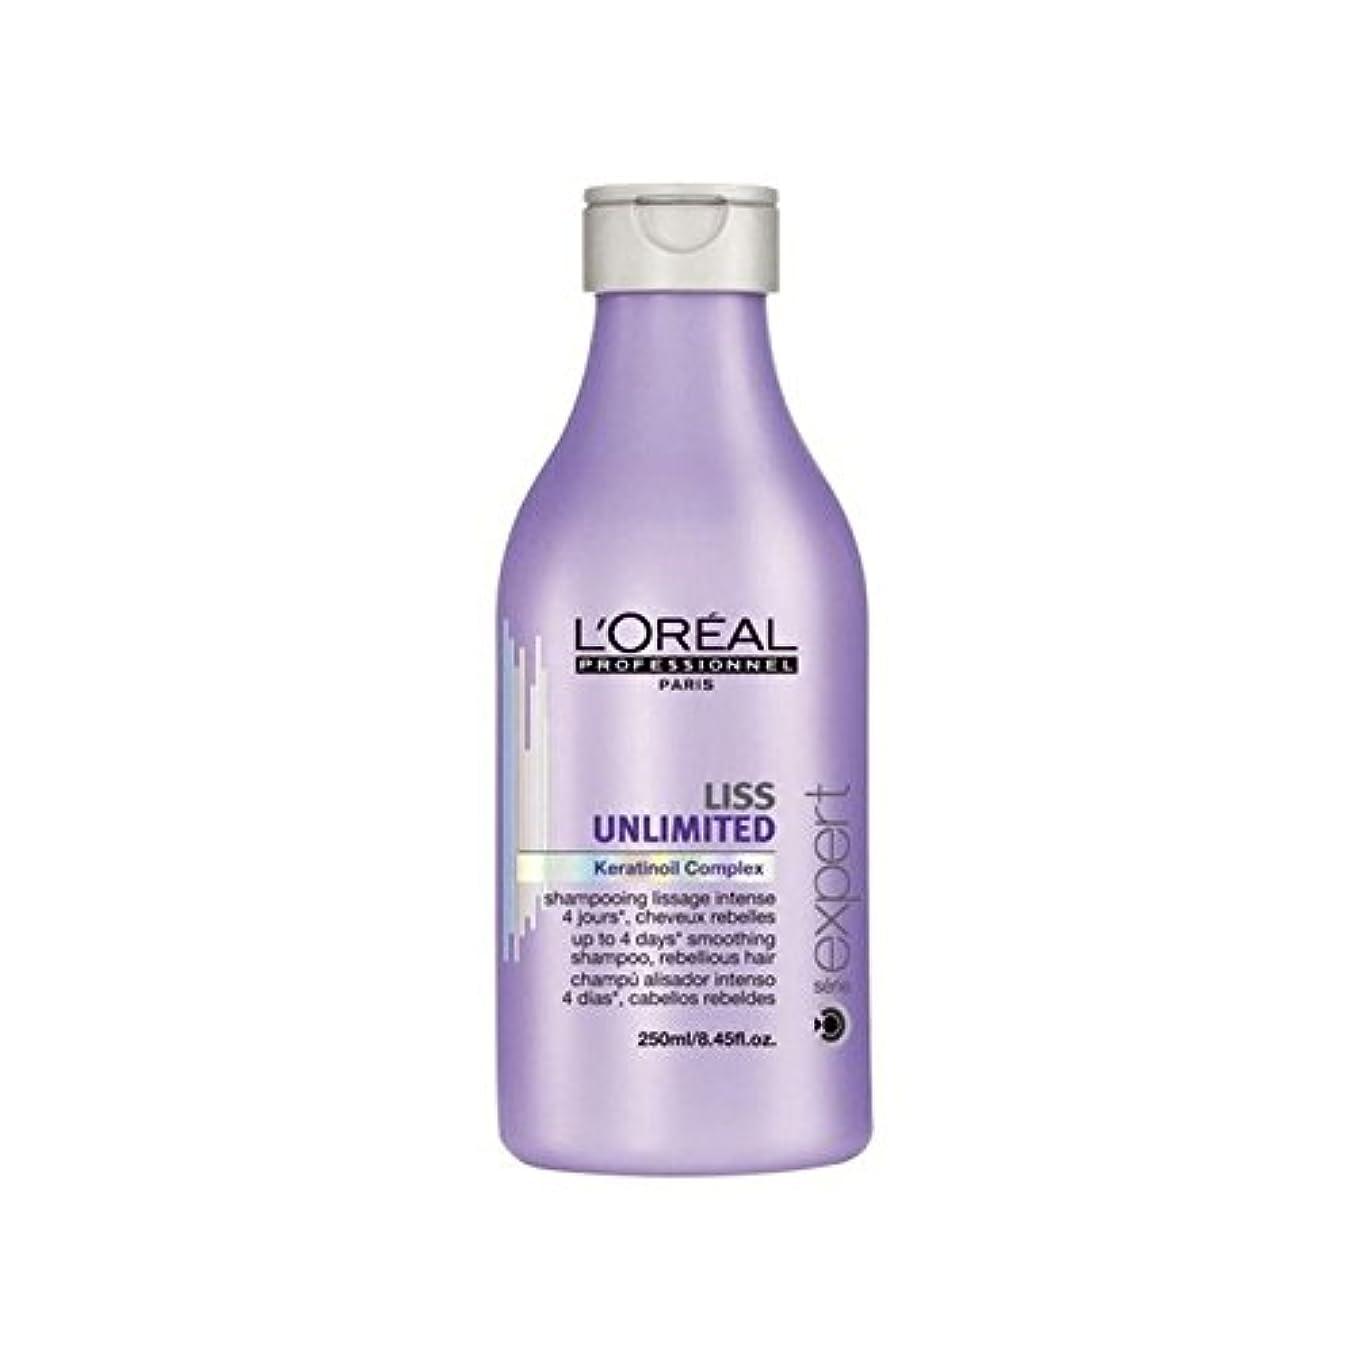 汚物彼らの花に水をやるL'Oreal Professionnel Serie Expert Liss Unlimited Shampoo (250ml) - ロレアルプロフェッショナルセリエ専門家無制限のシャンプー(250ミリリットル) [並行輸入品]